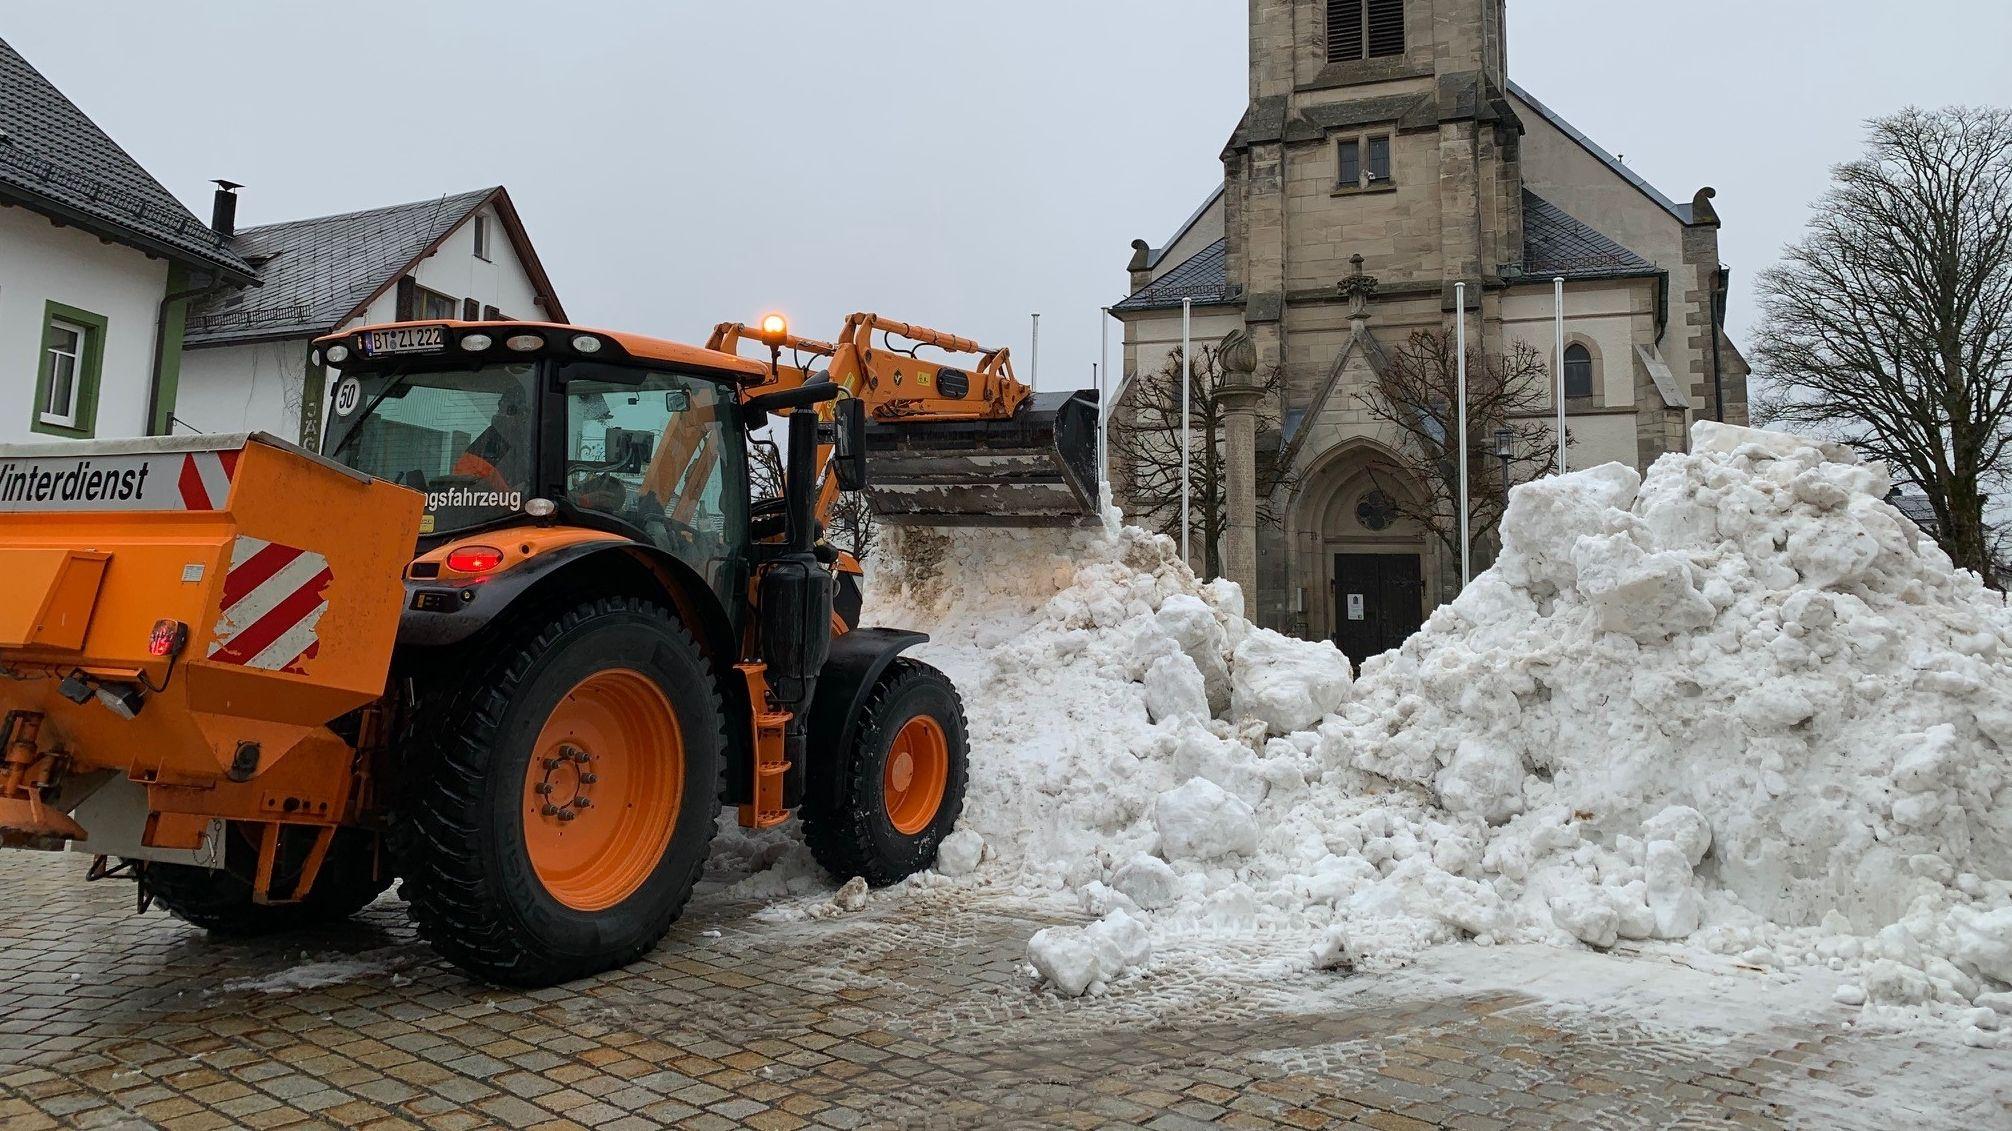 Bischofsgrün: Bagger bringen Schnee für Riesen-Schneemann Jakob